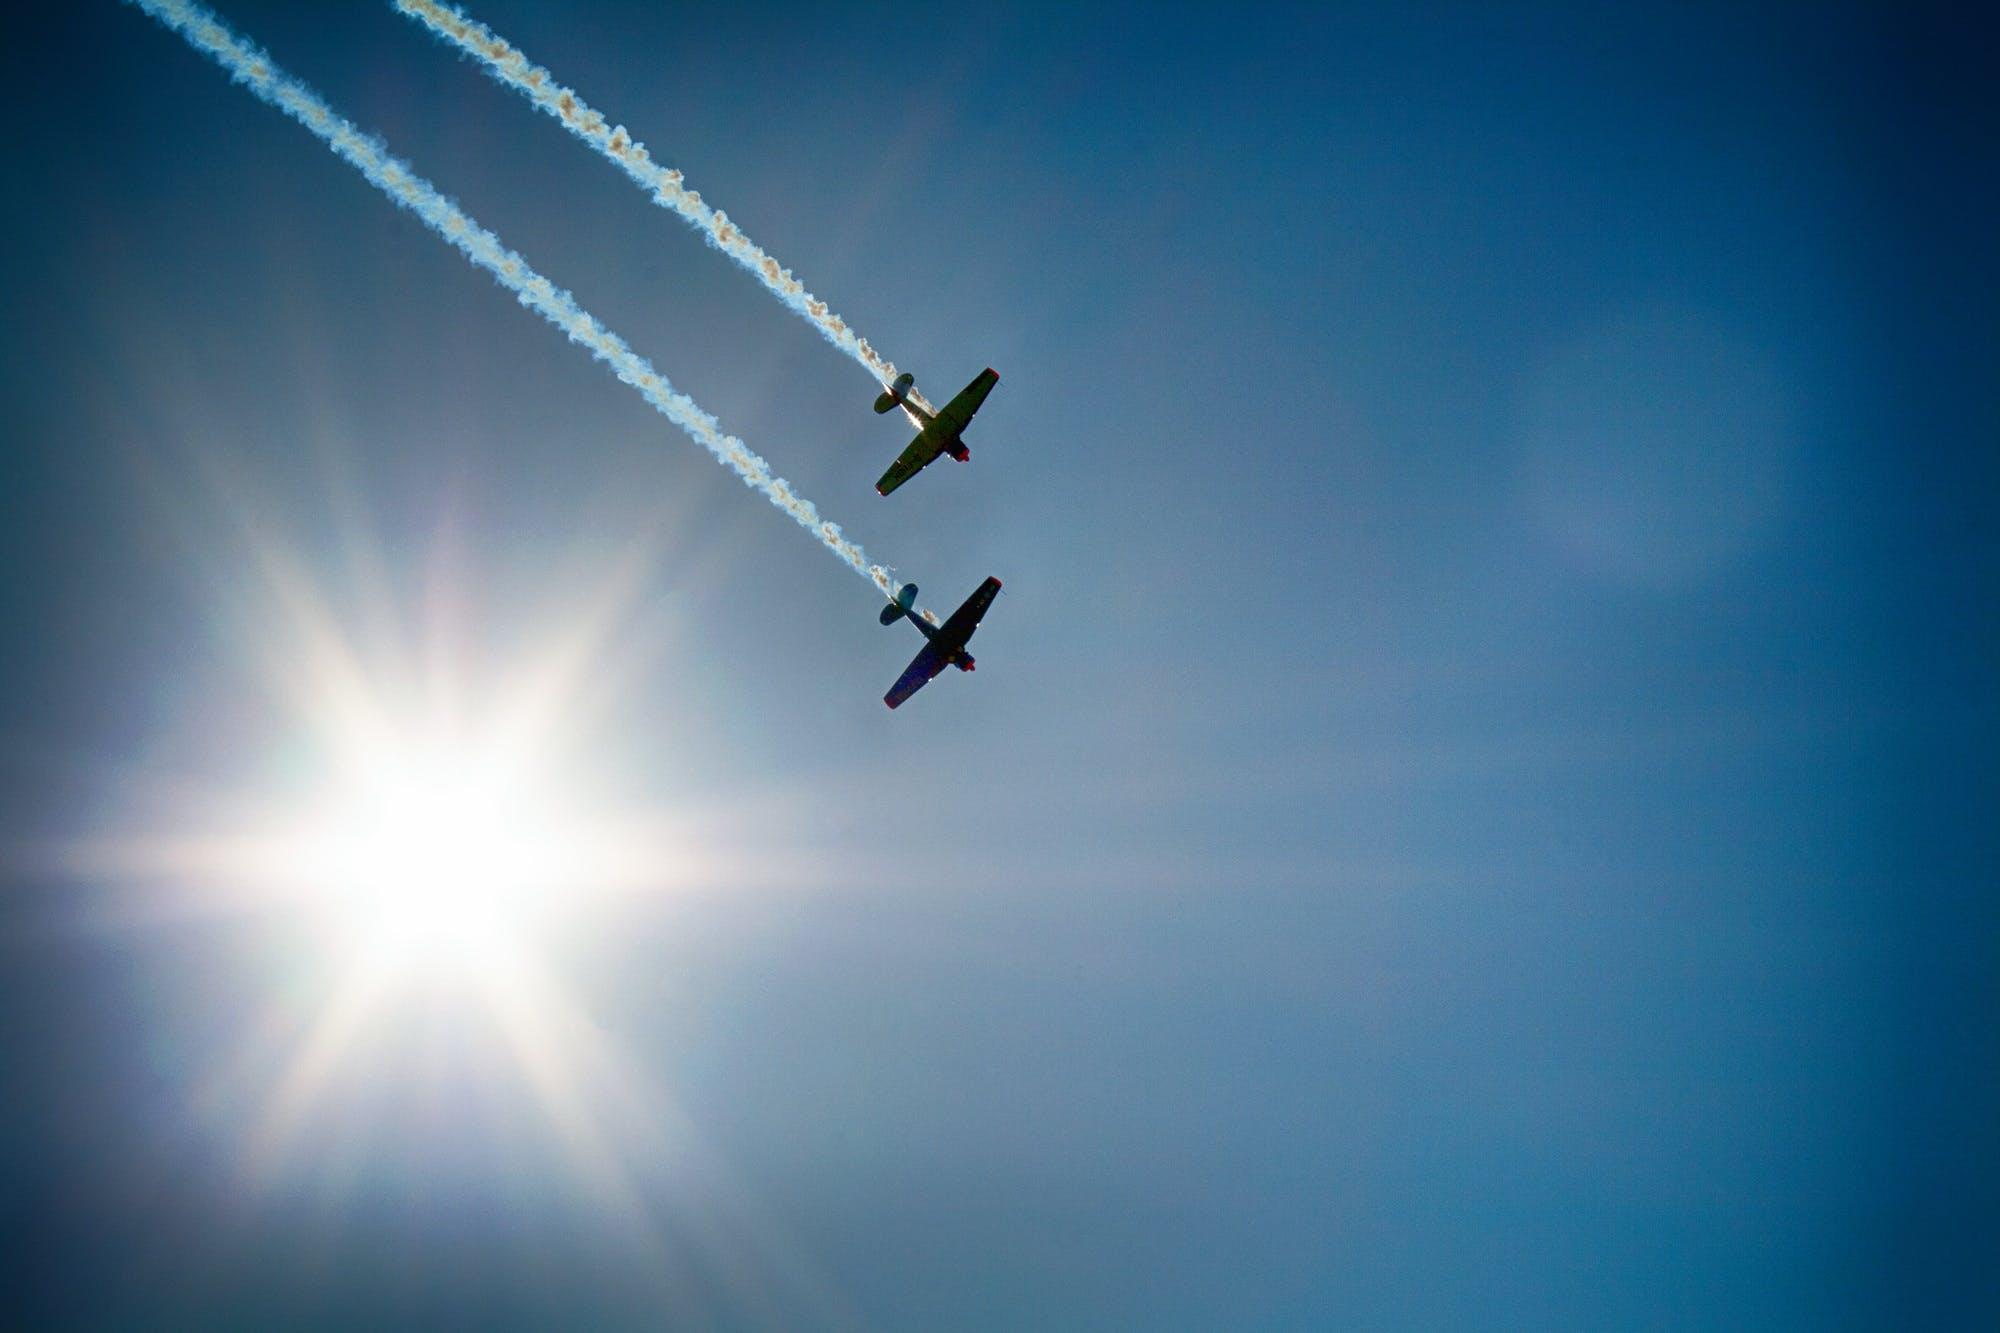 Kostenloses Stock Foto zu flug, flugschau, flugzeuge, grelles sonnenlicht